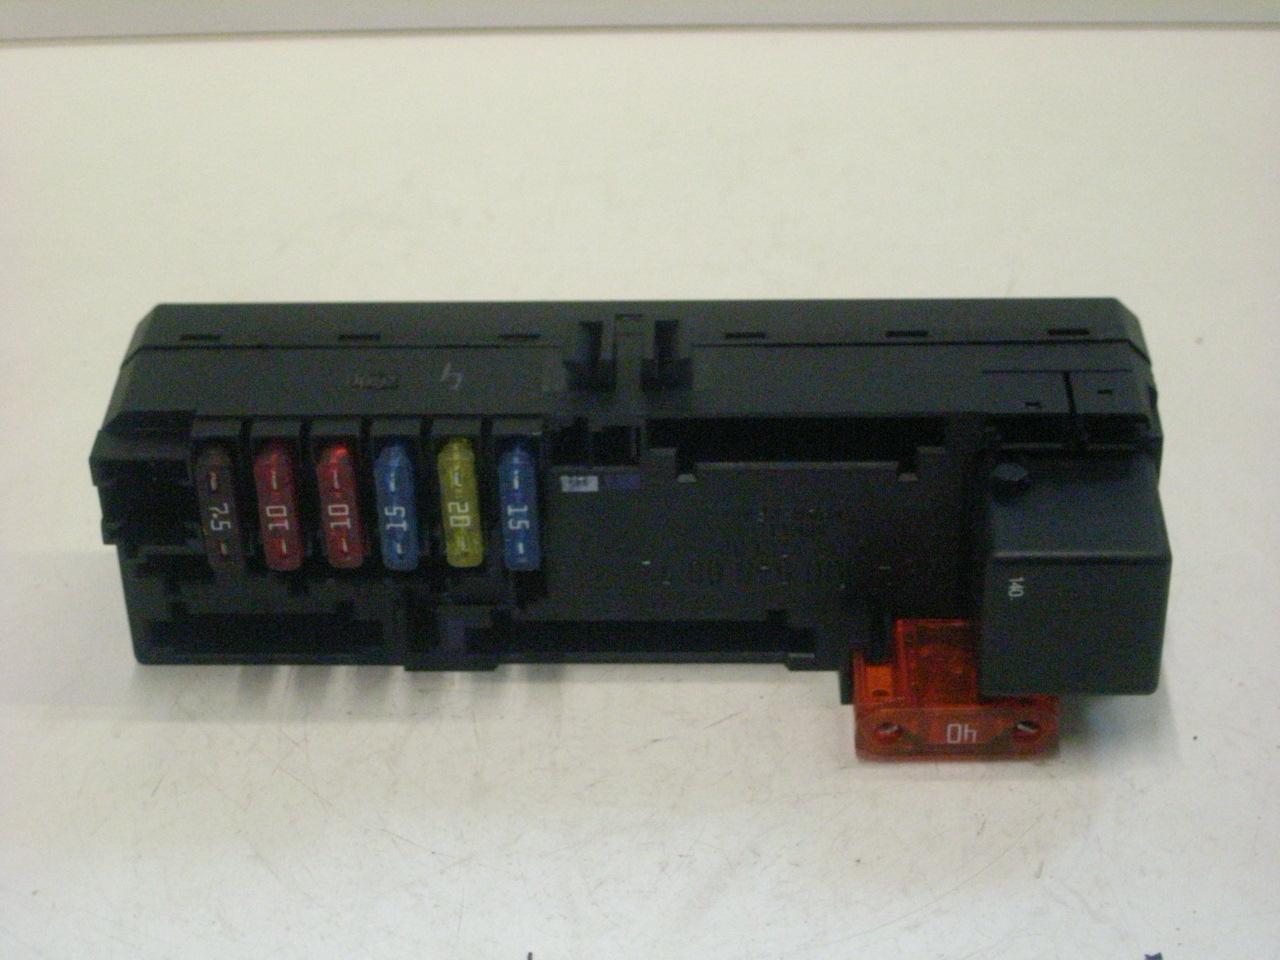 438131 Fuse Box 0005400072 Ebay Mercedes Benz C Class T Model S202 200 Compressor 120 Kw 163 Hp 092000 032001 Product Description